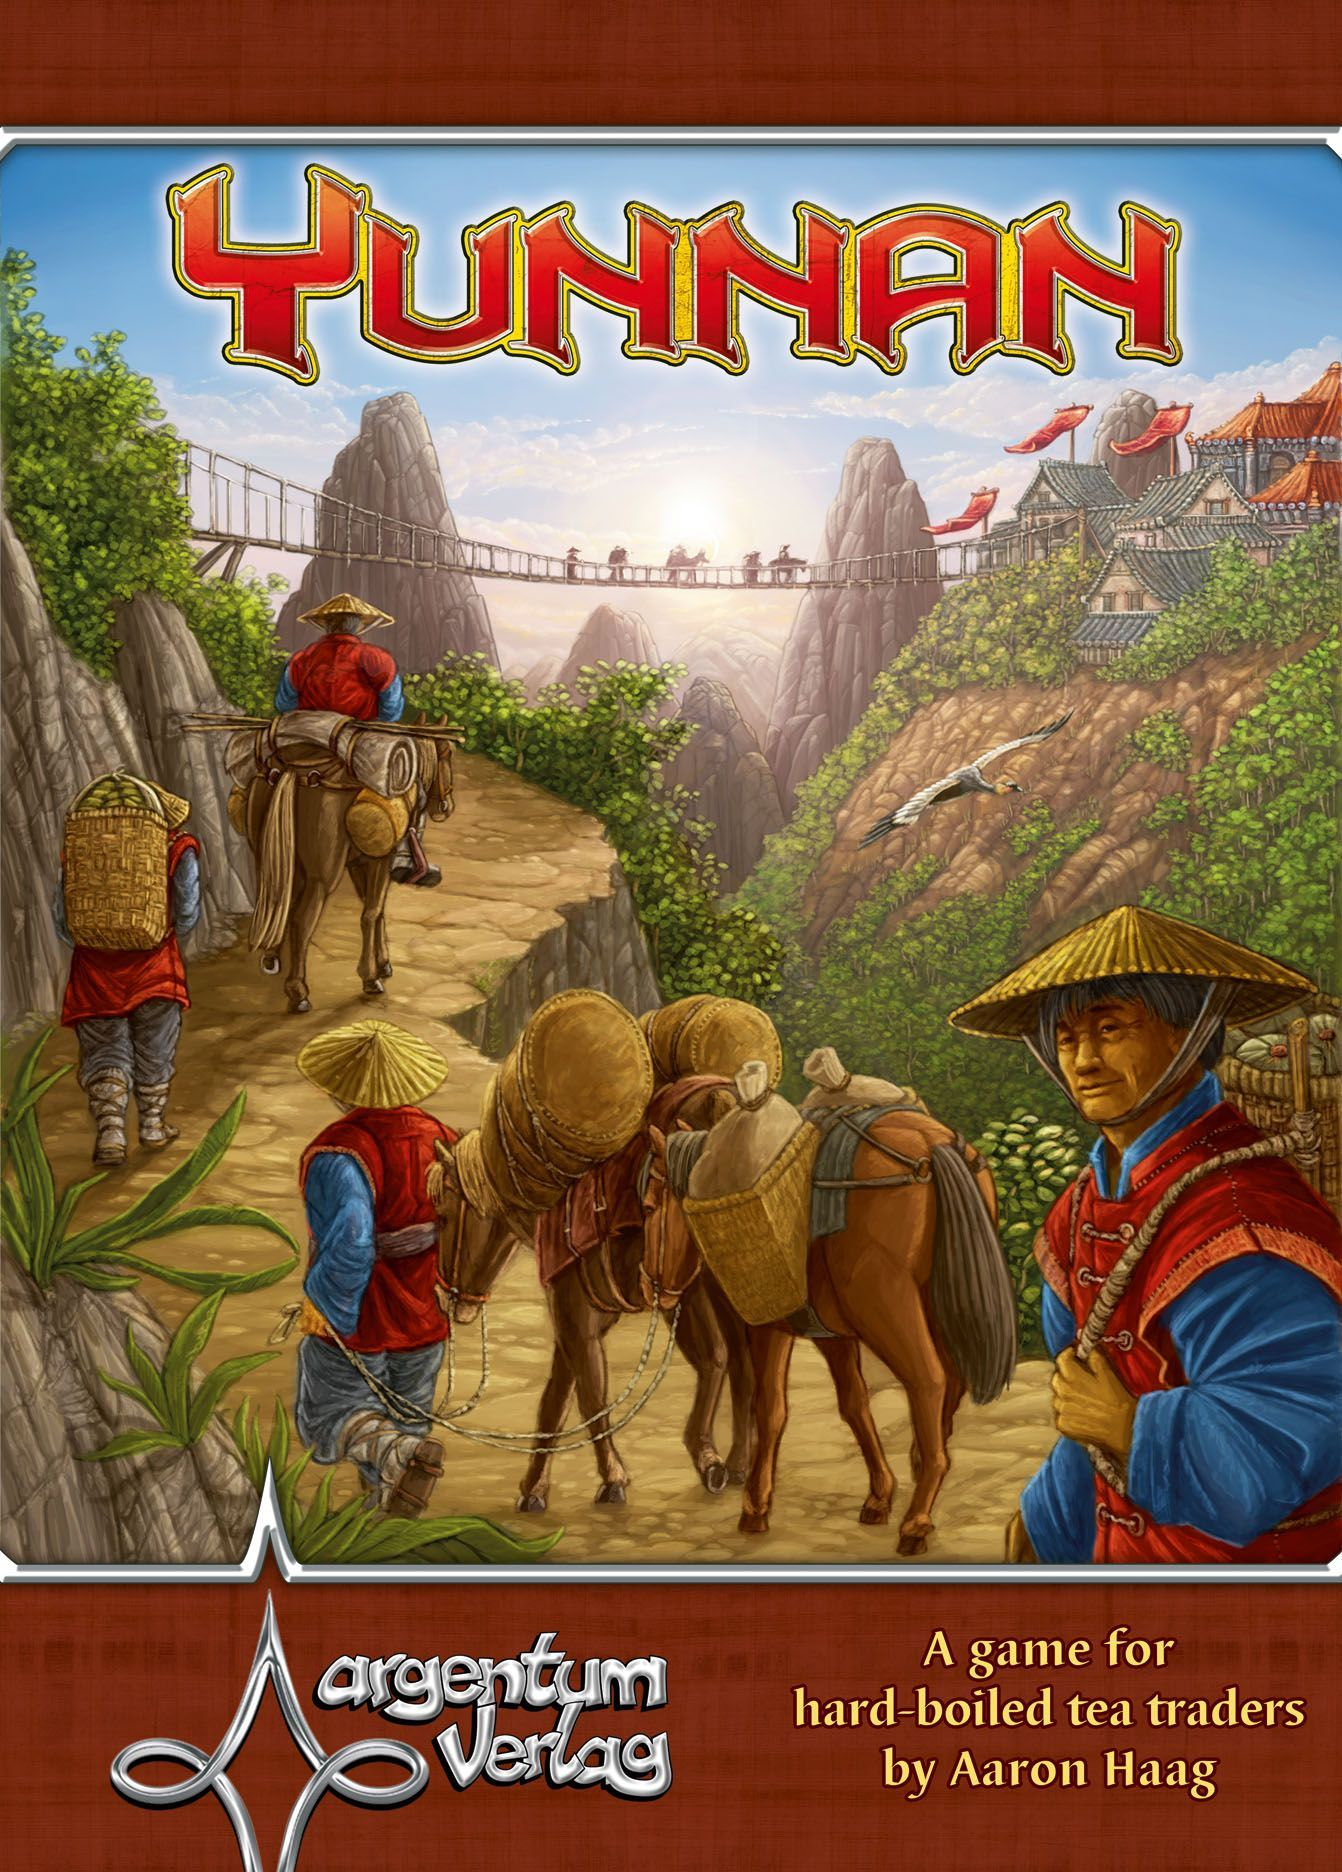 Main image for Yunnan